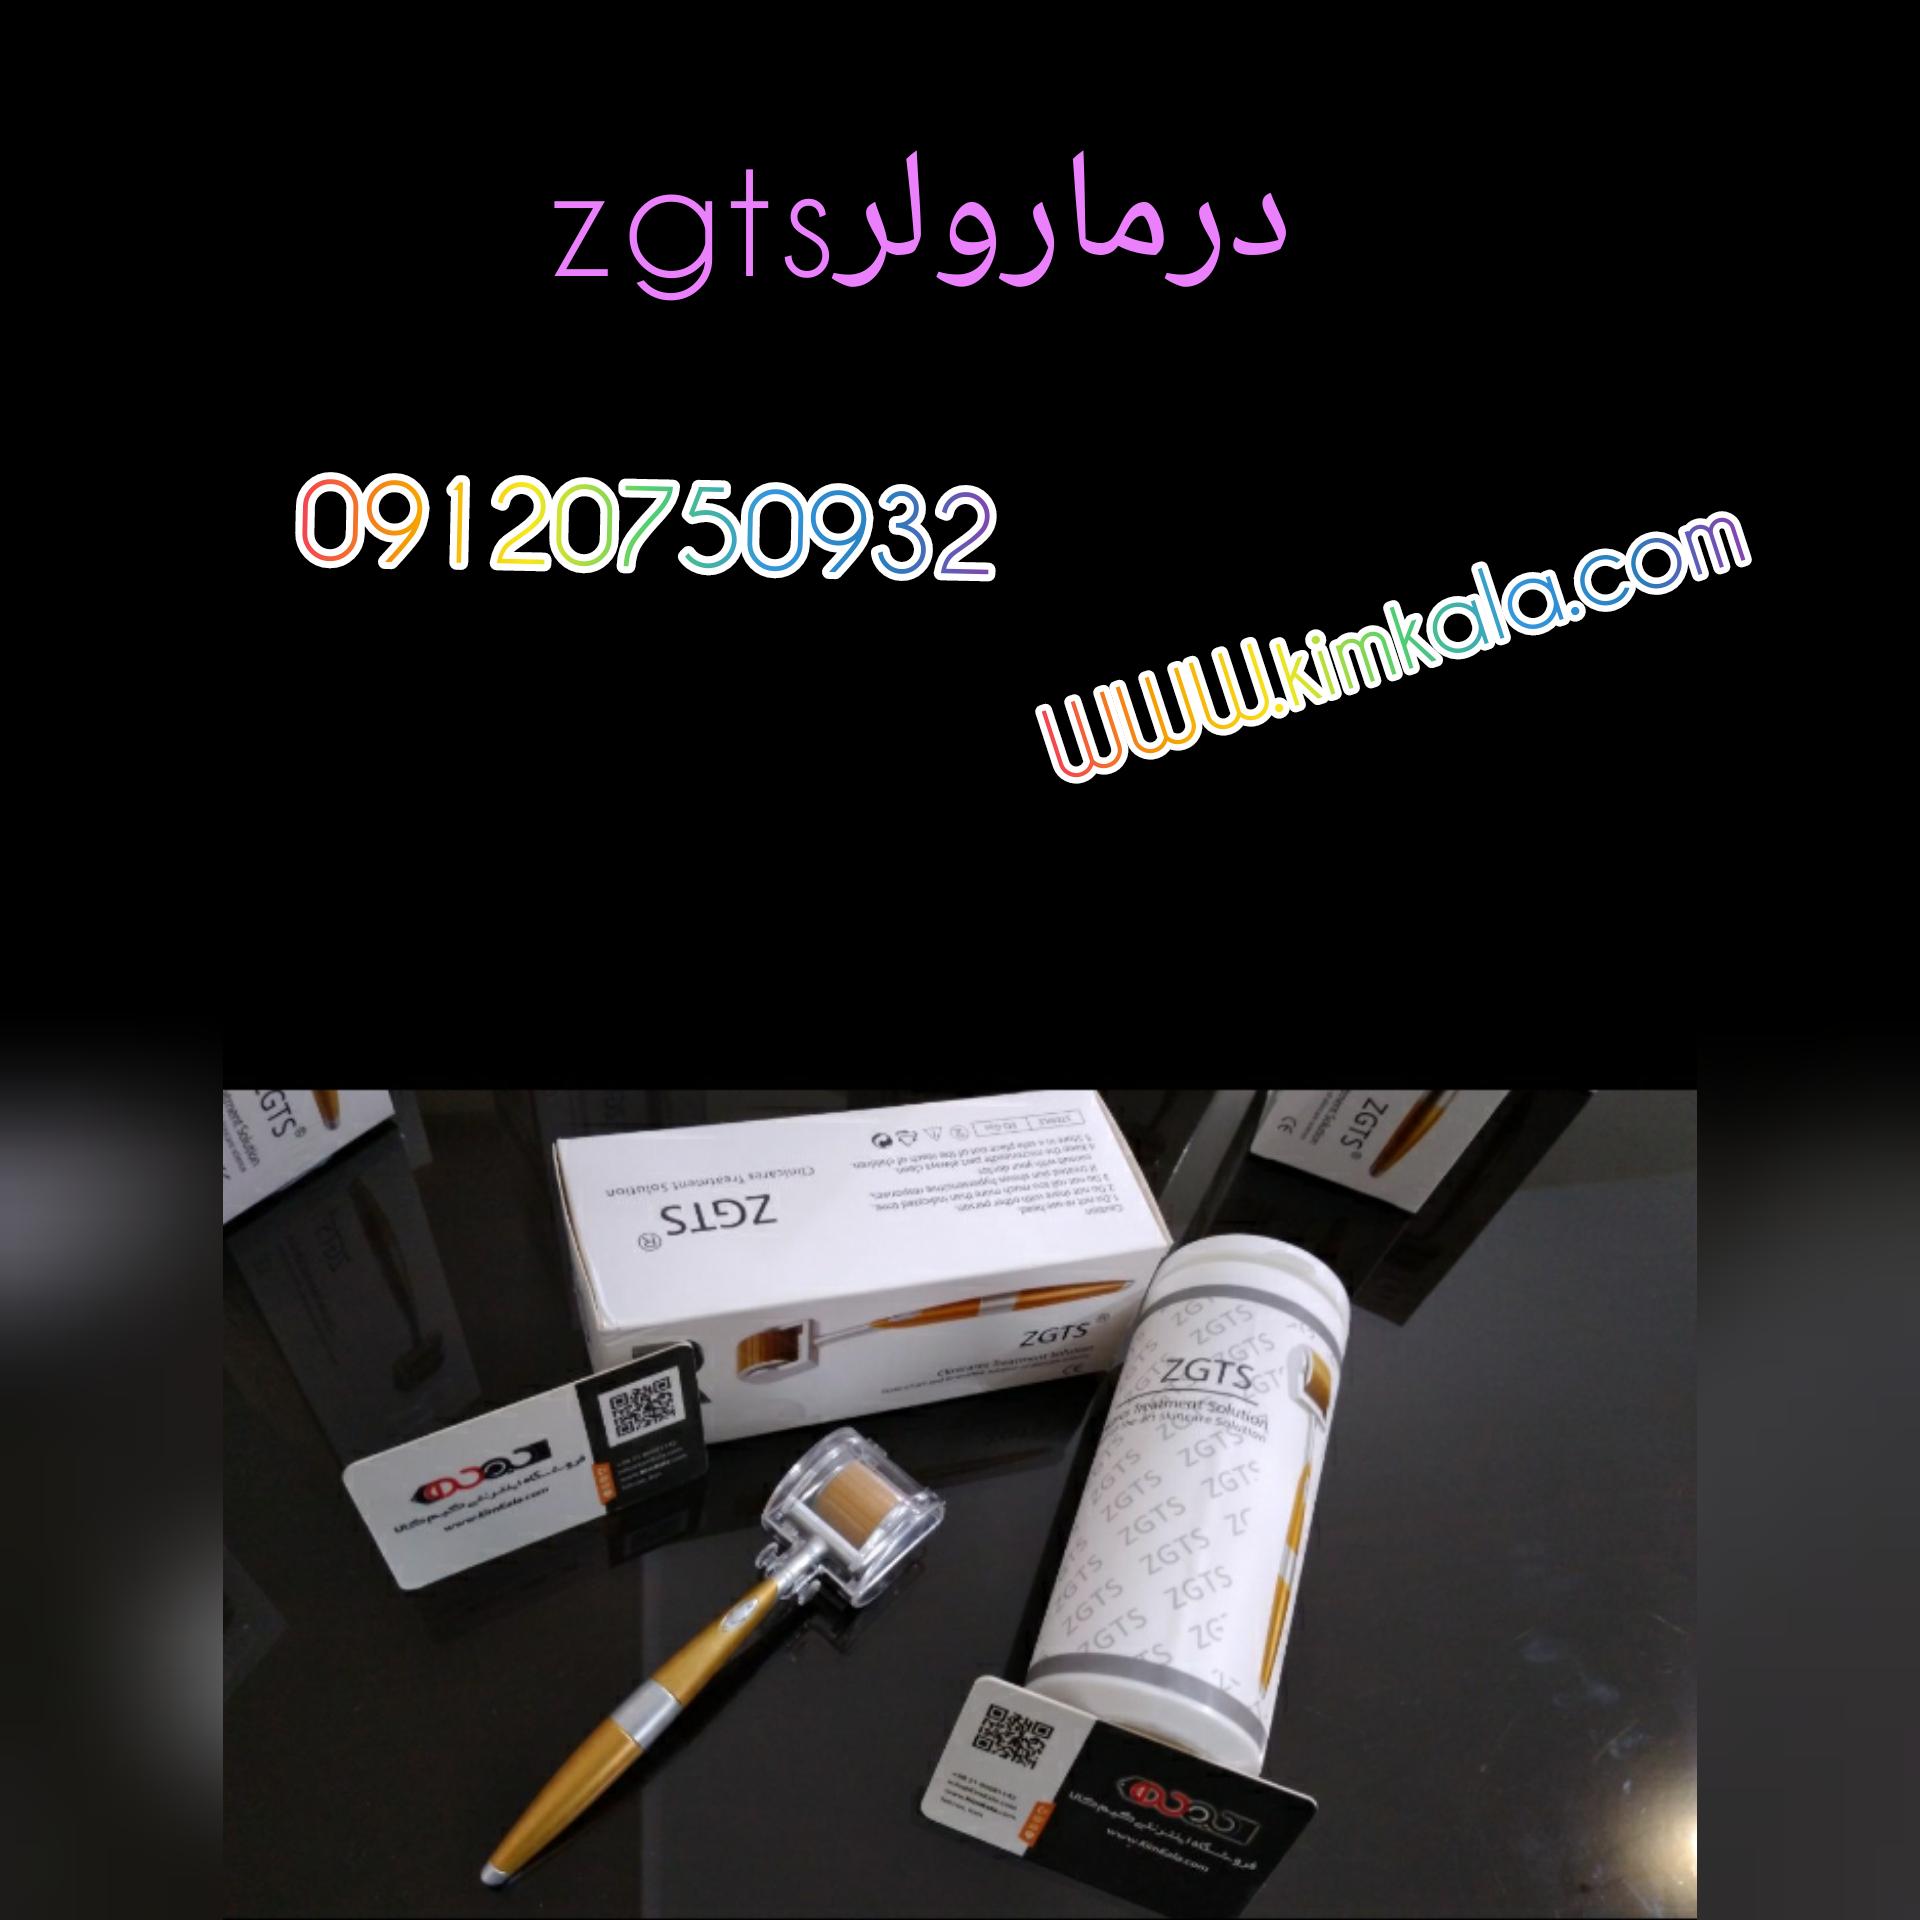 درمارولر Zgts /قیمت درمارولر/09120750932